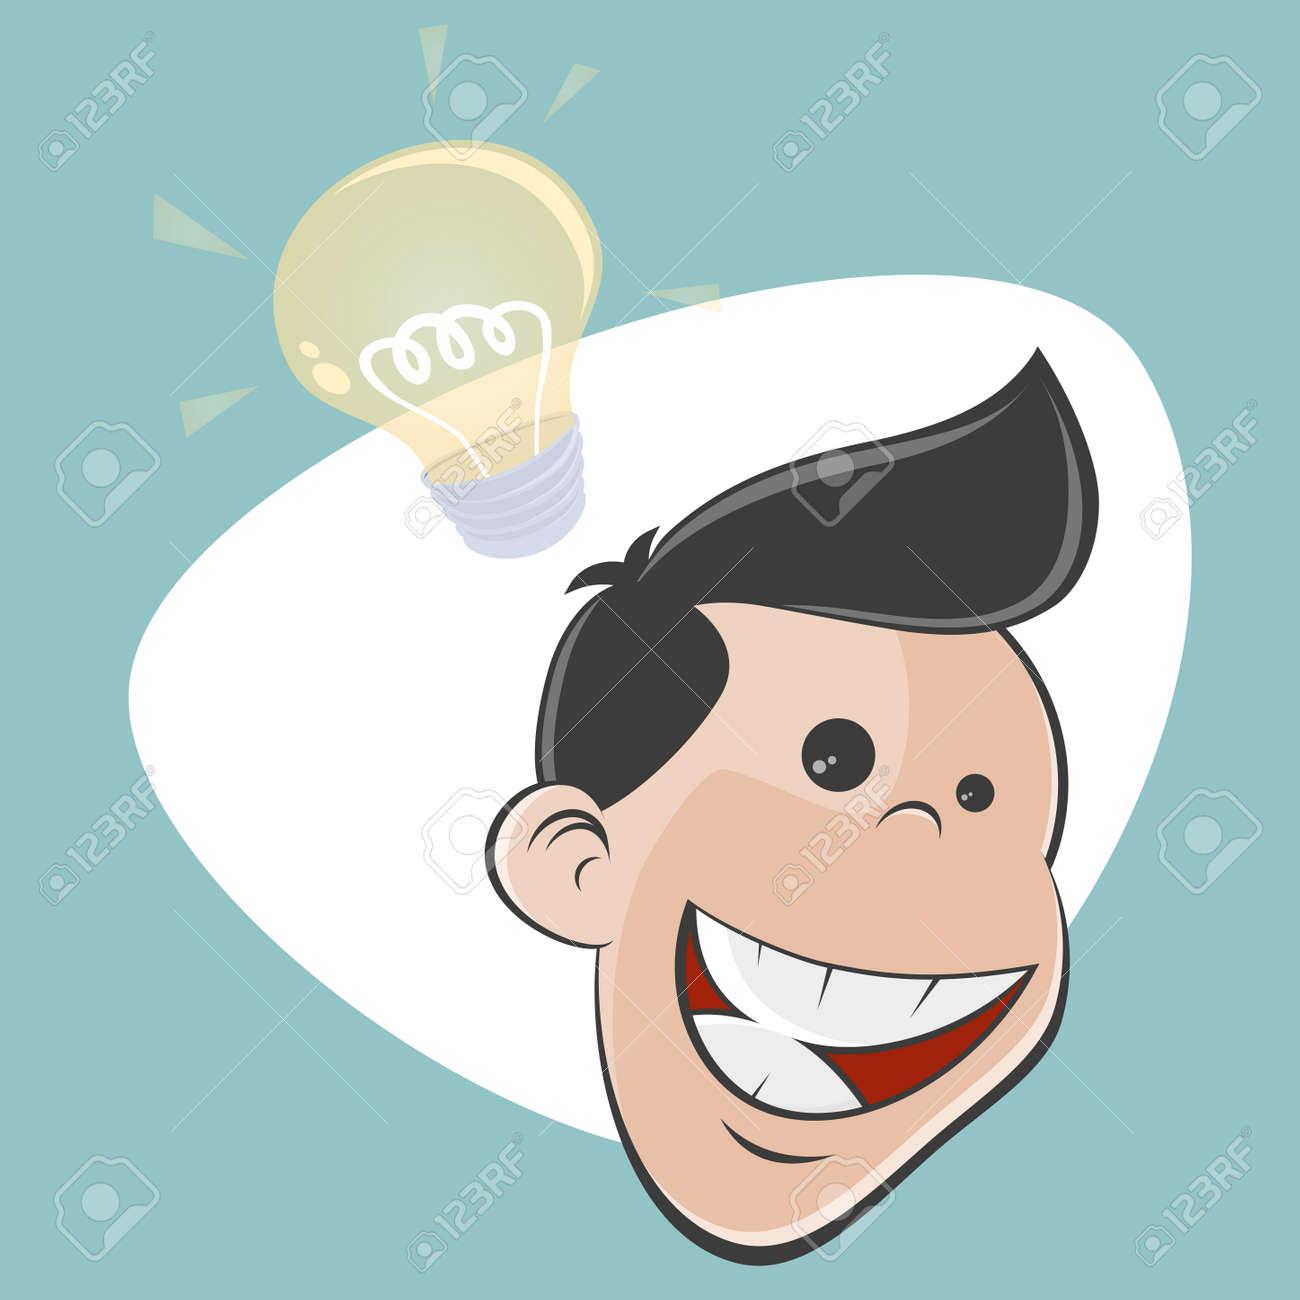 happy retro cartoon man has an idea Stock Vector - 25040684